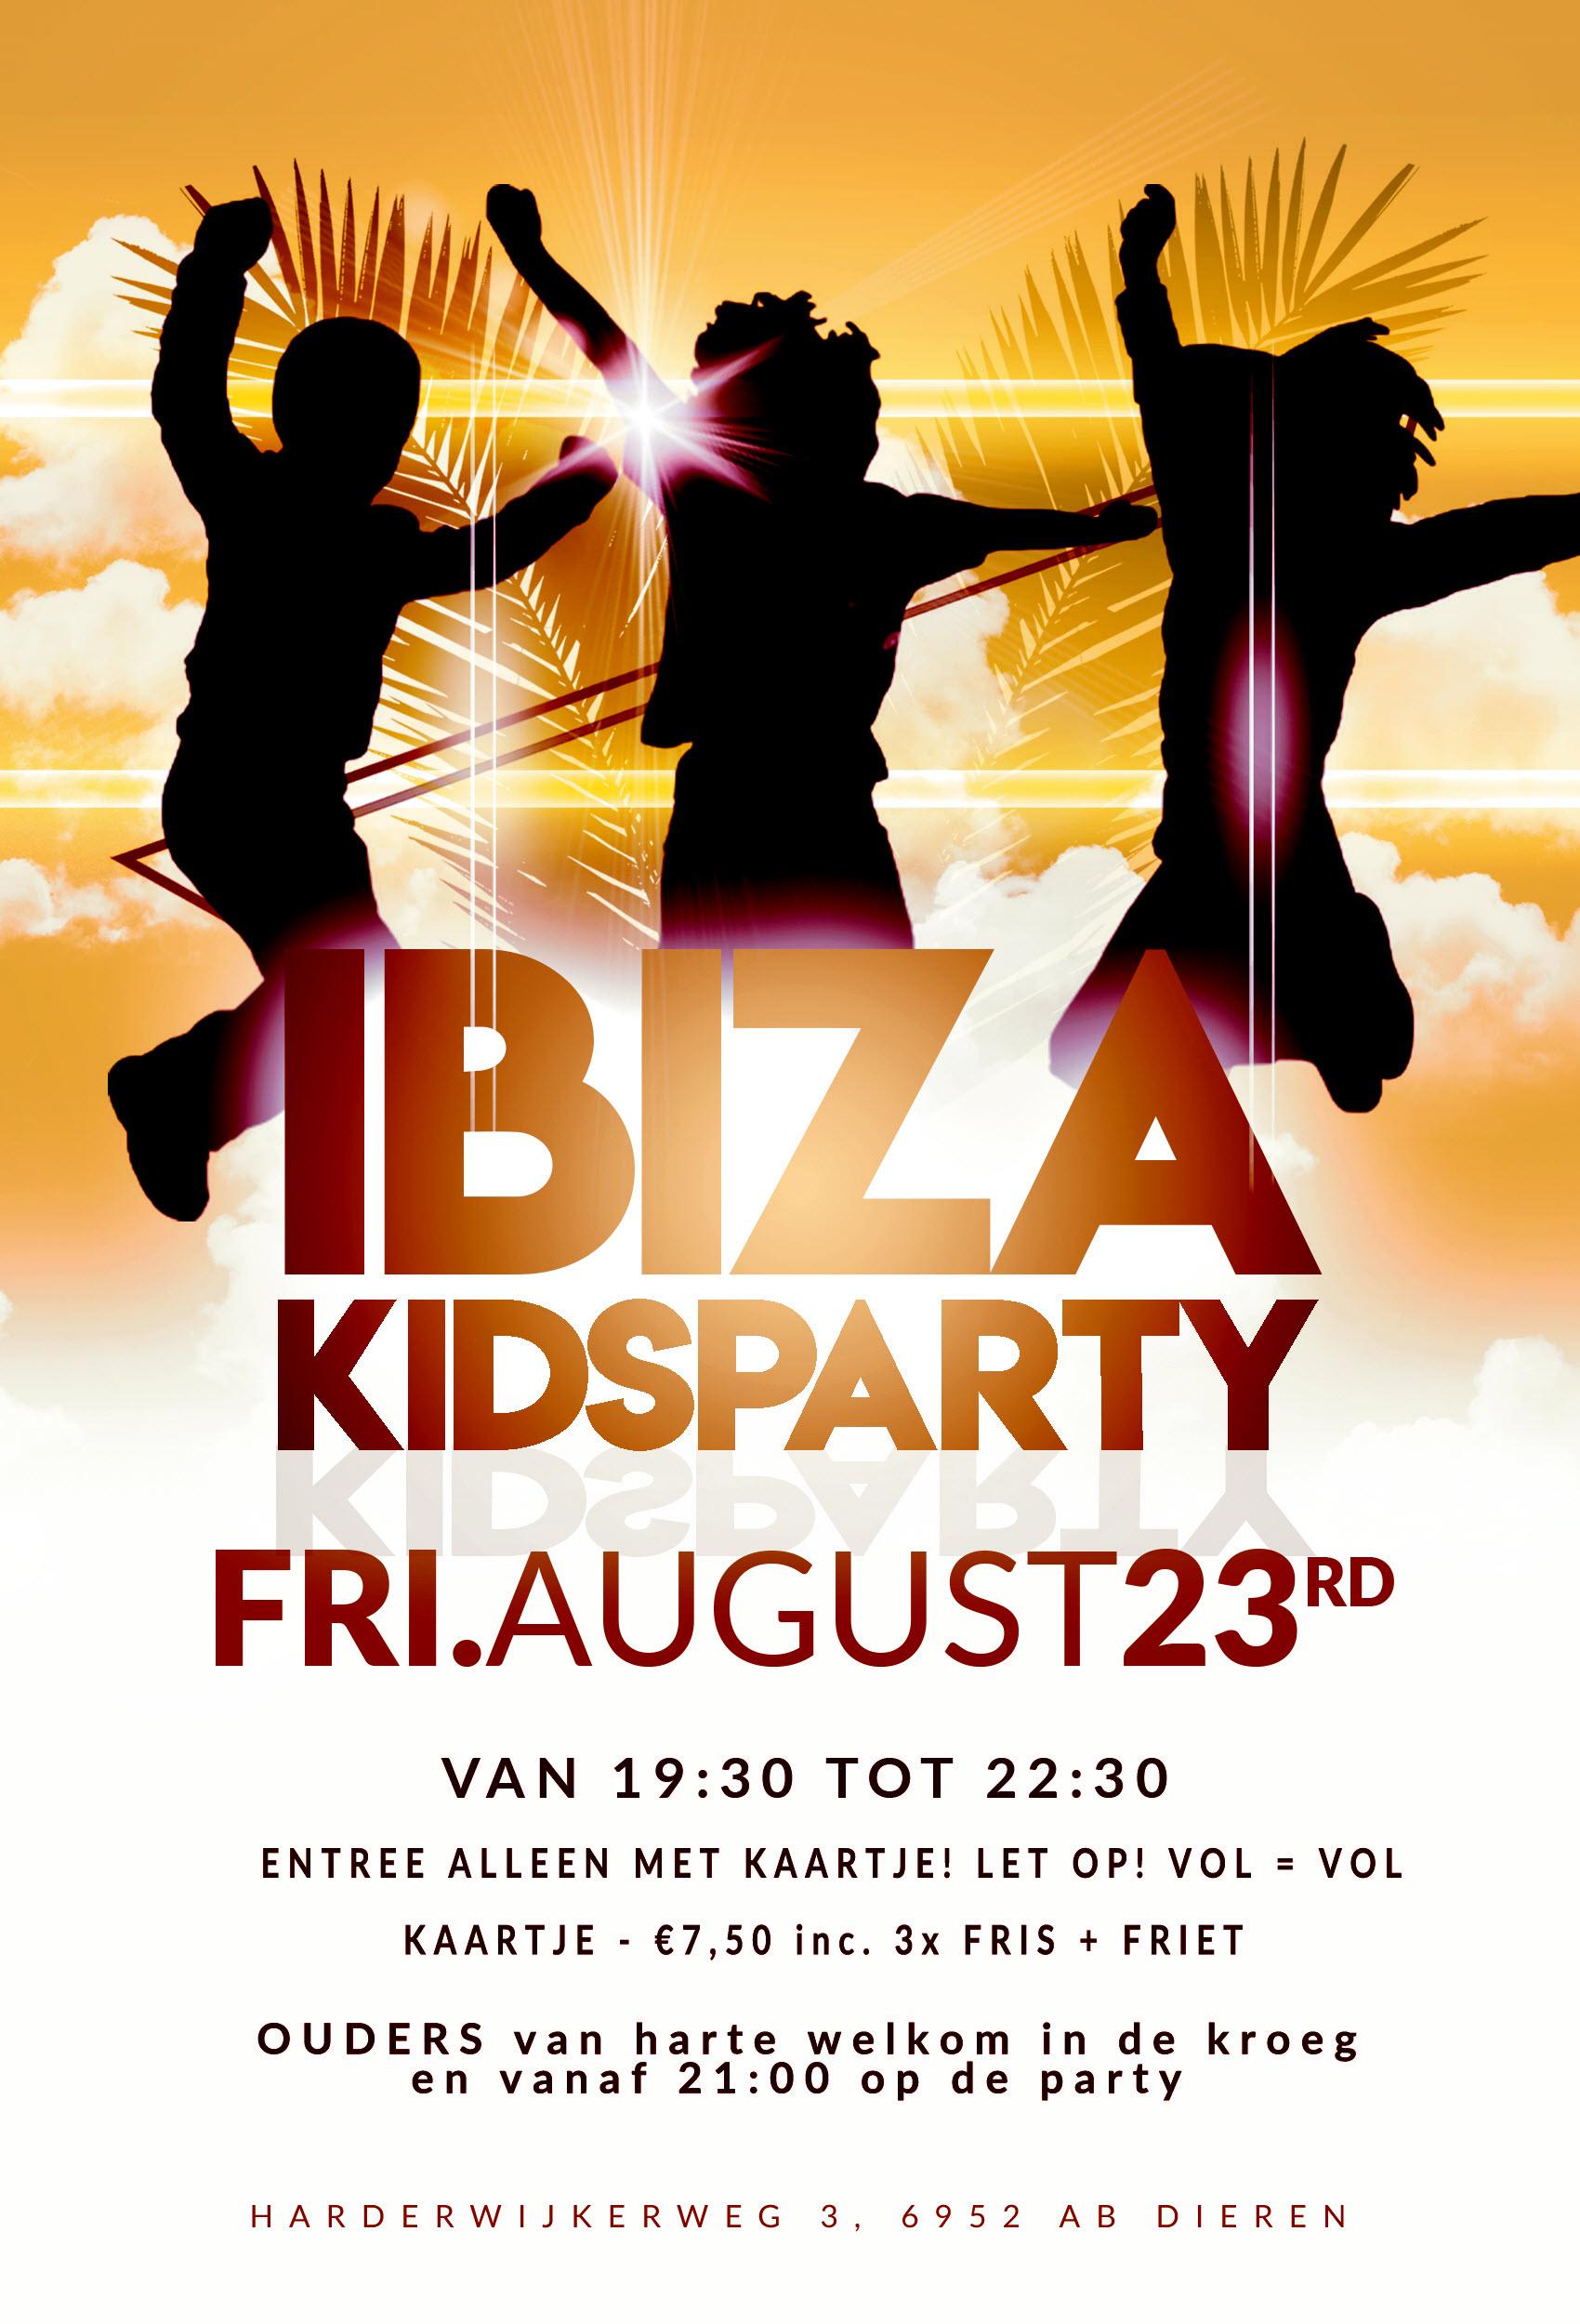 Ibiza Kidsparty